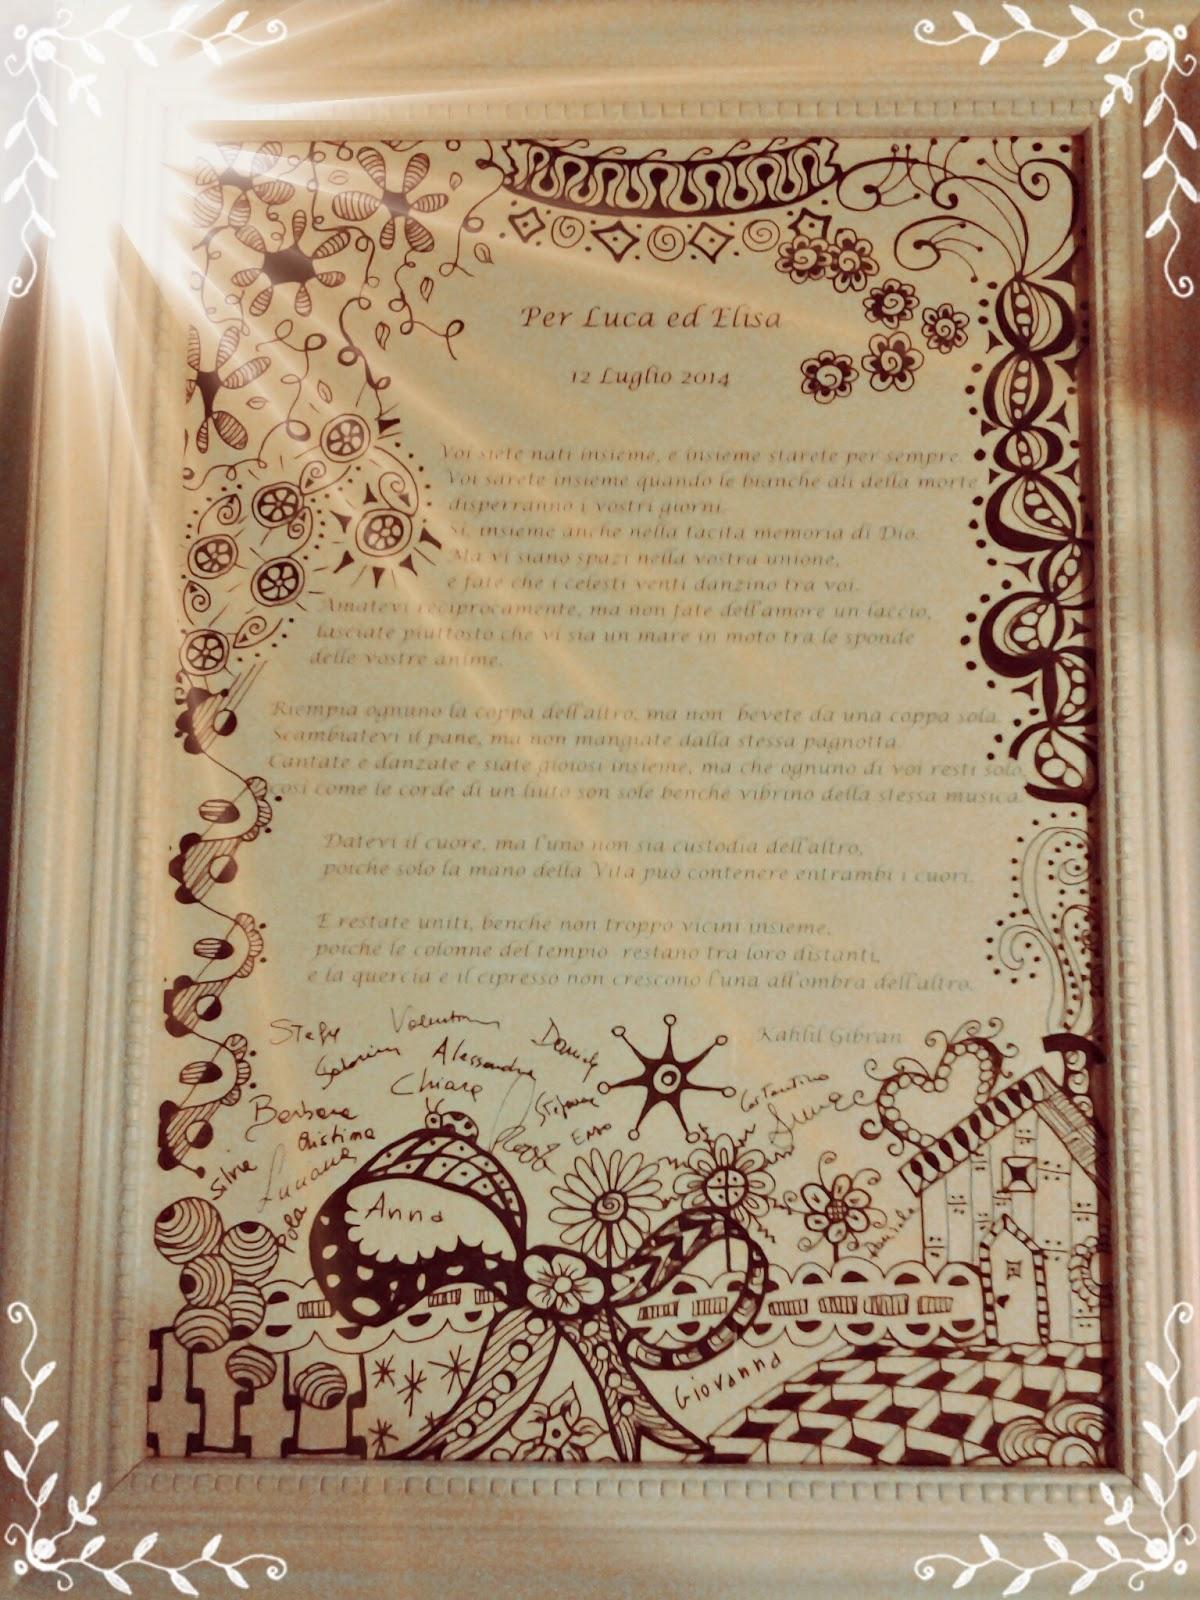 Poesia Sul Matrimonio Del Poeta Kahlil Gibran A Nave Intrepido